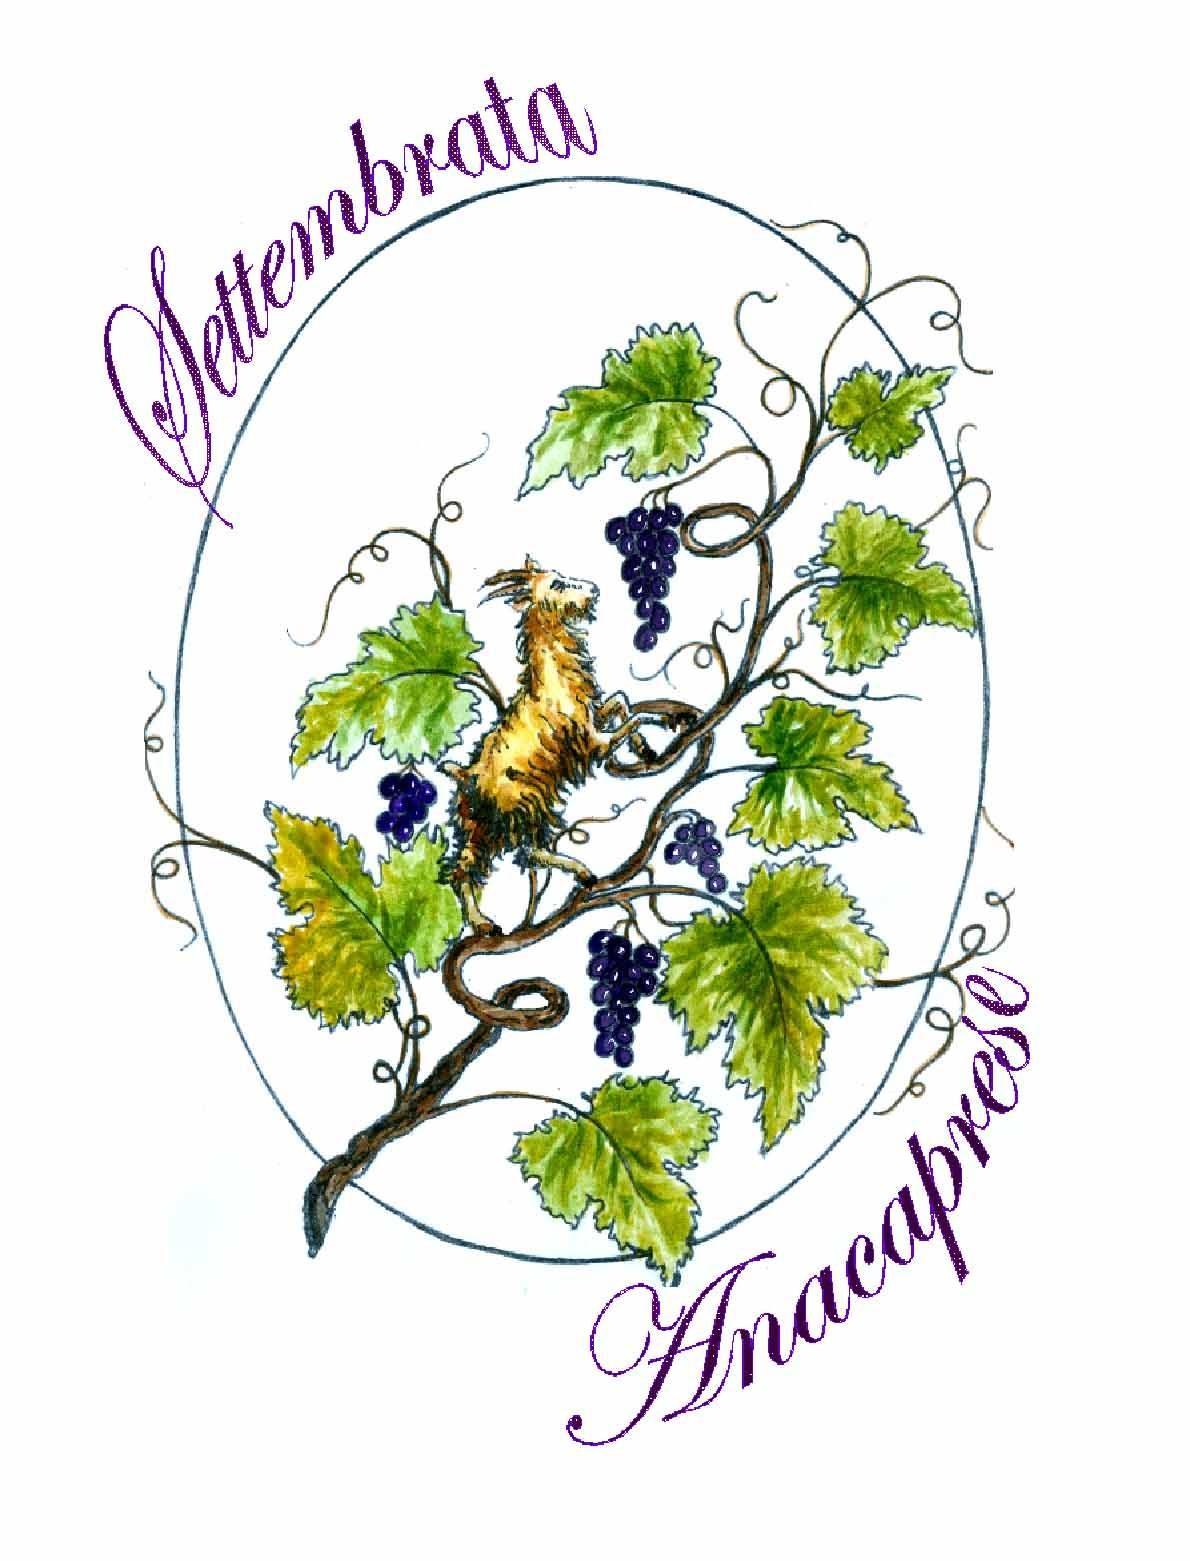 Settembrata Anacaprese 2017 - Estemporanea di pittura